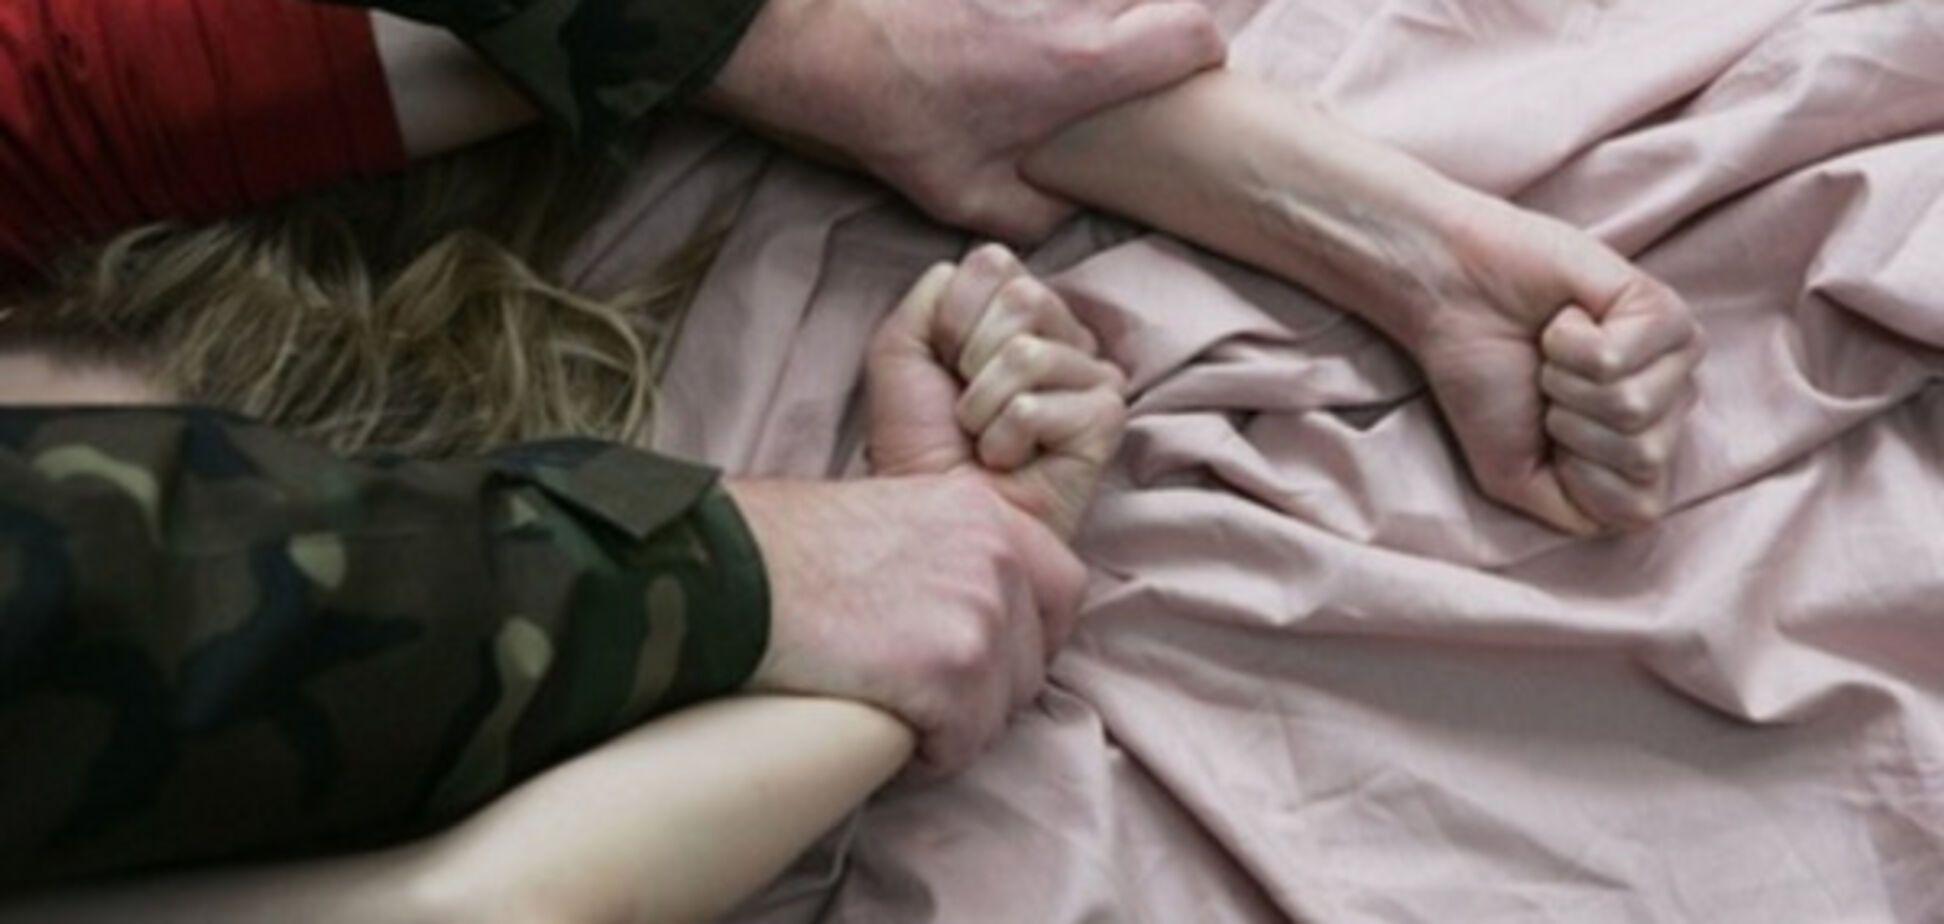 Російські військові зґвалтували жінку